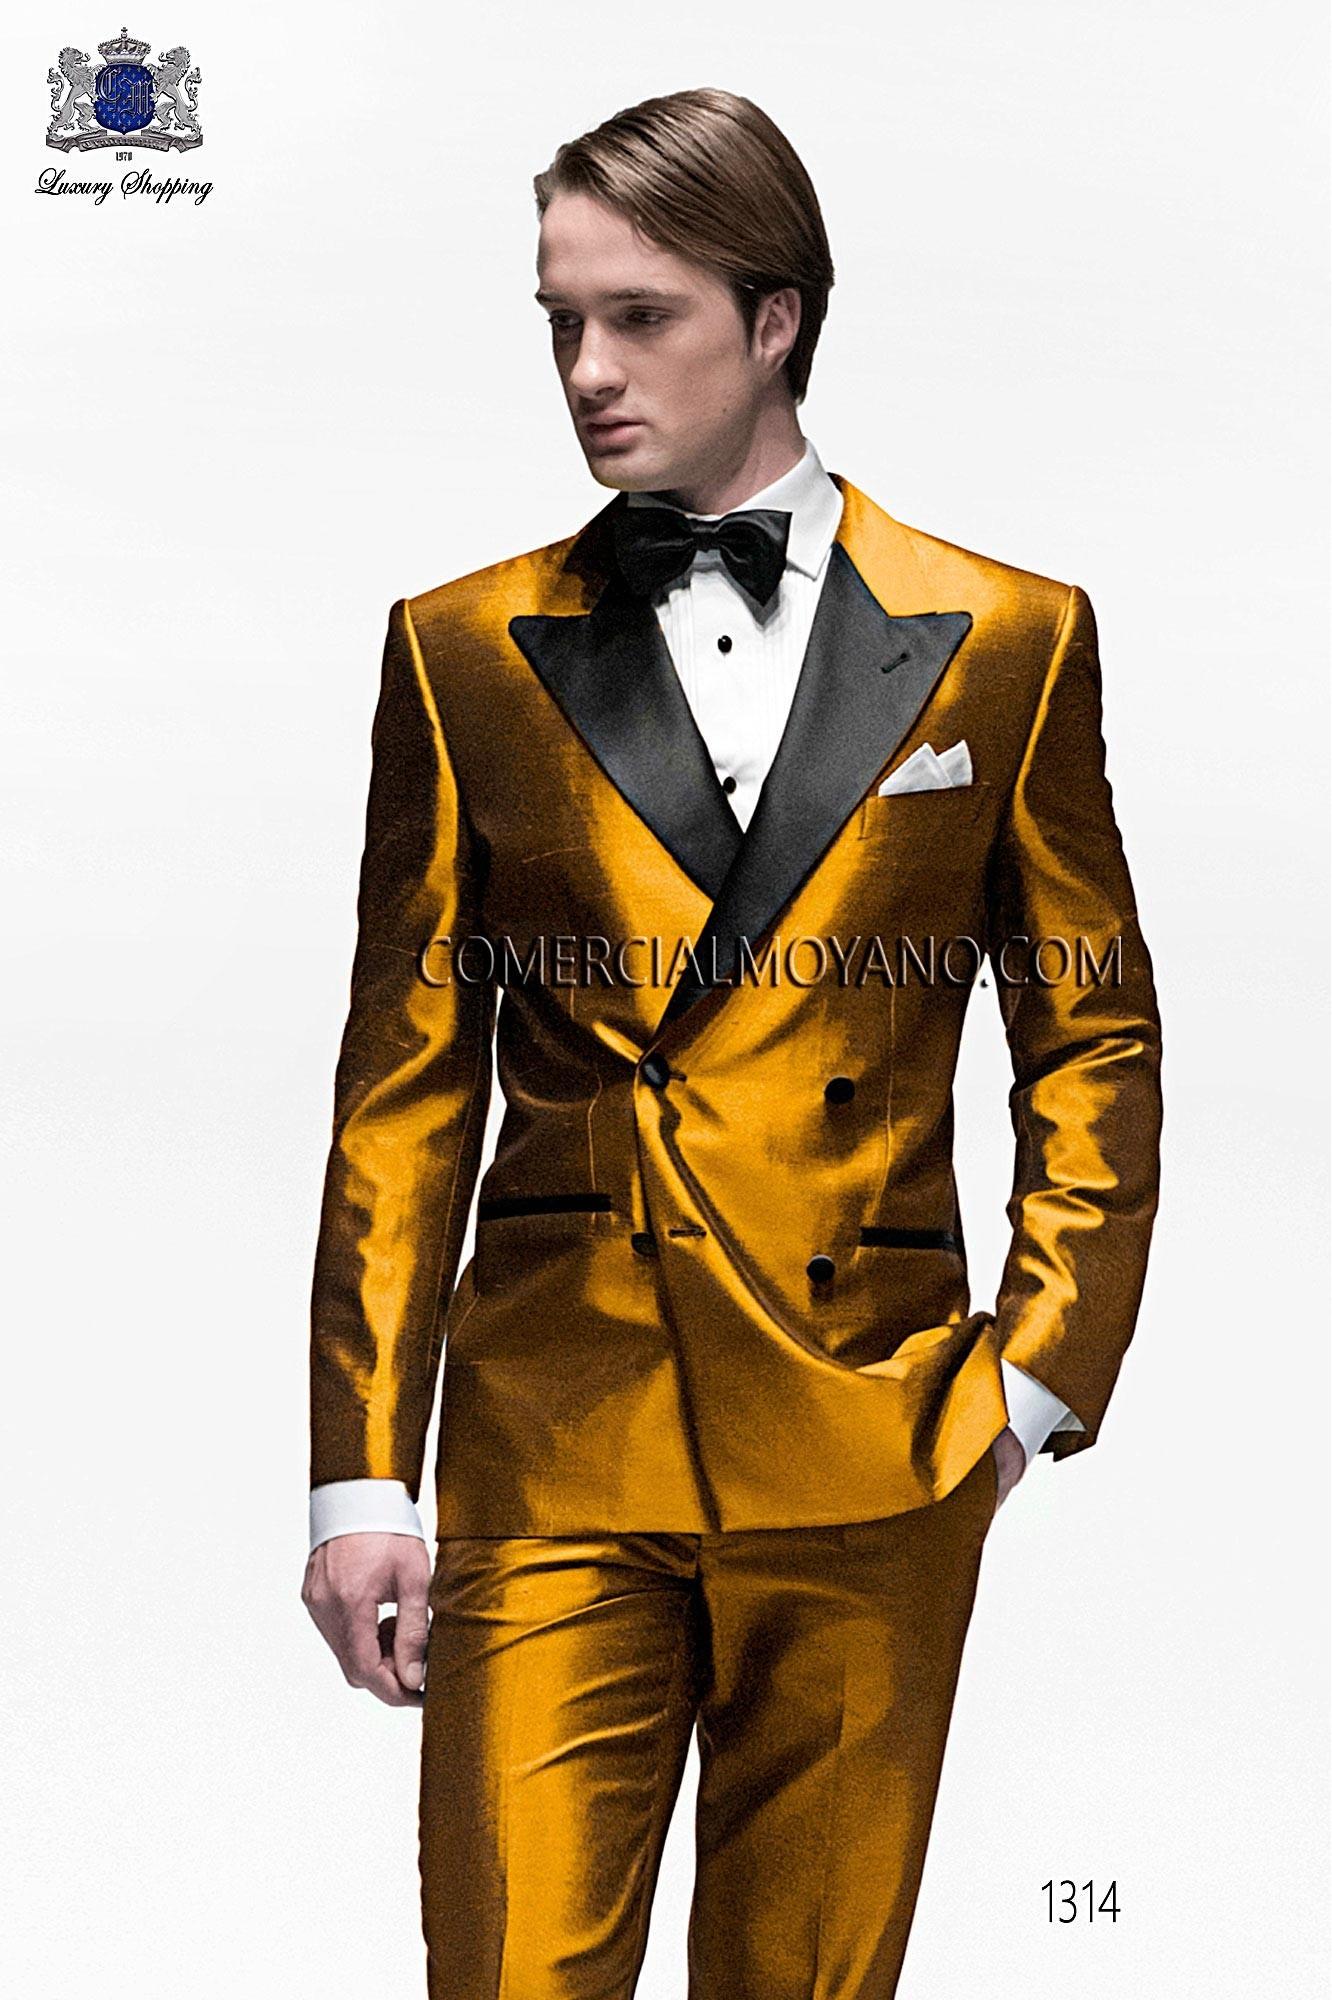 Traje BlackTie de novio dorado modelo: 1314 Ottavio Nuccio Gala colección Black Tie 2017